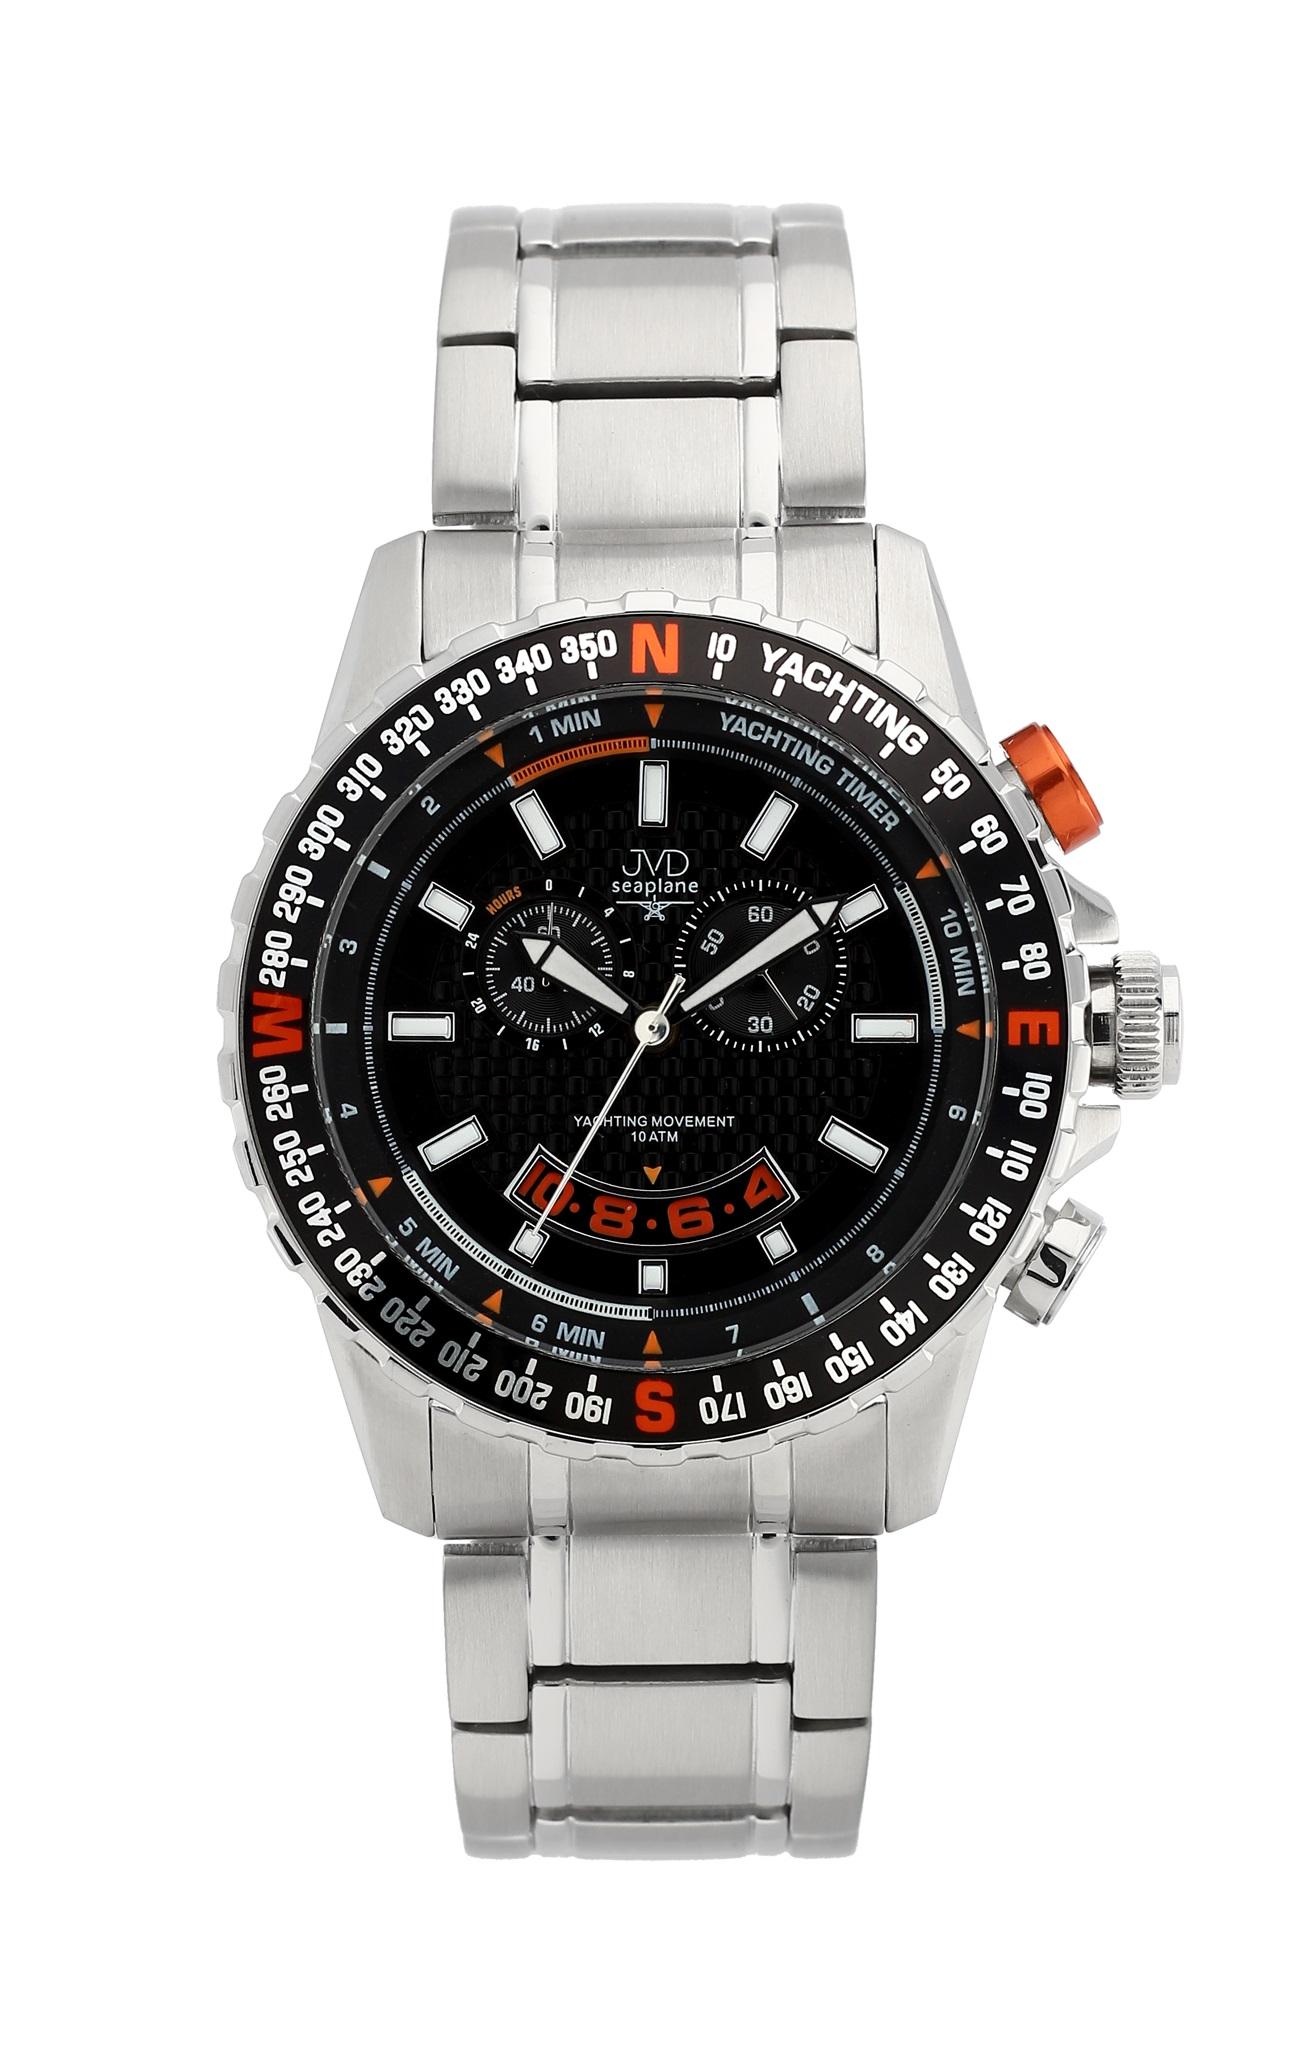 Vysoce odolené sportovní vodotěsné hodinky JVD seaplane J1096.2 - chronograf POŠTOVNÉ ZDARMA!